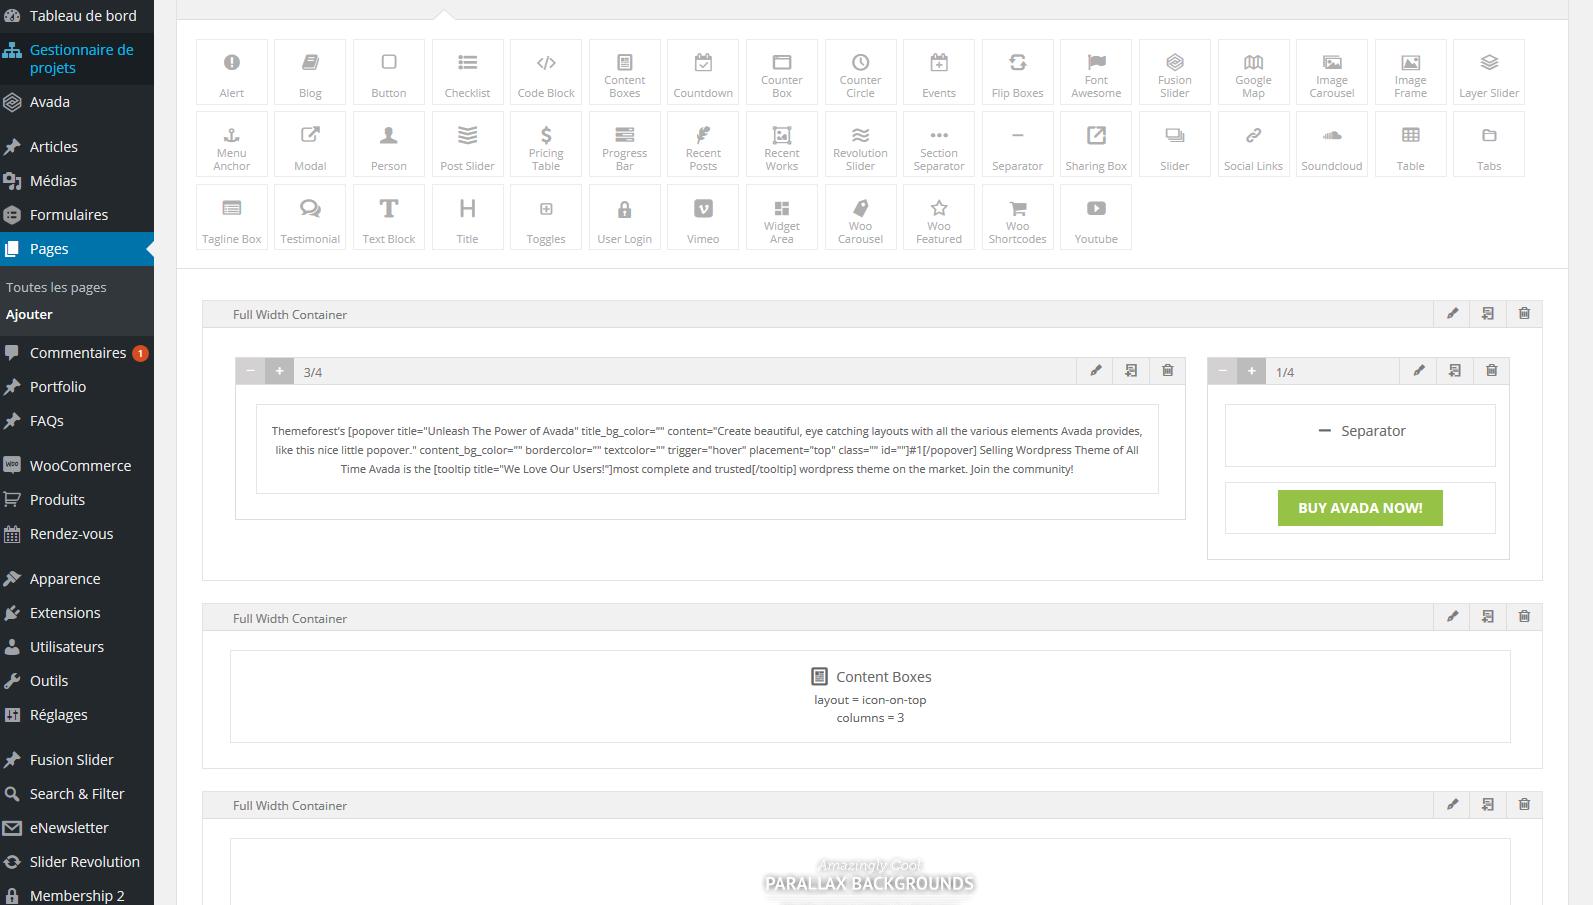 Construire une page web avec Avada est plus sophistiqué qu'avec un simple editeur